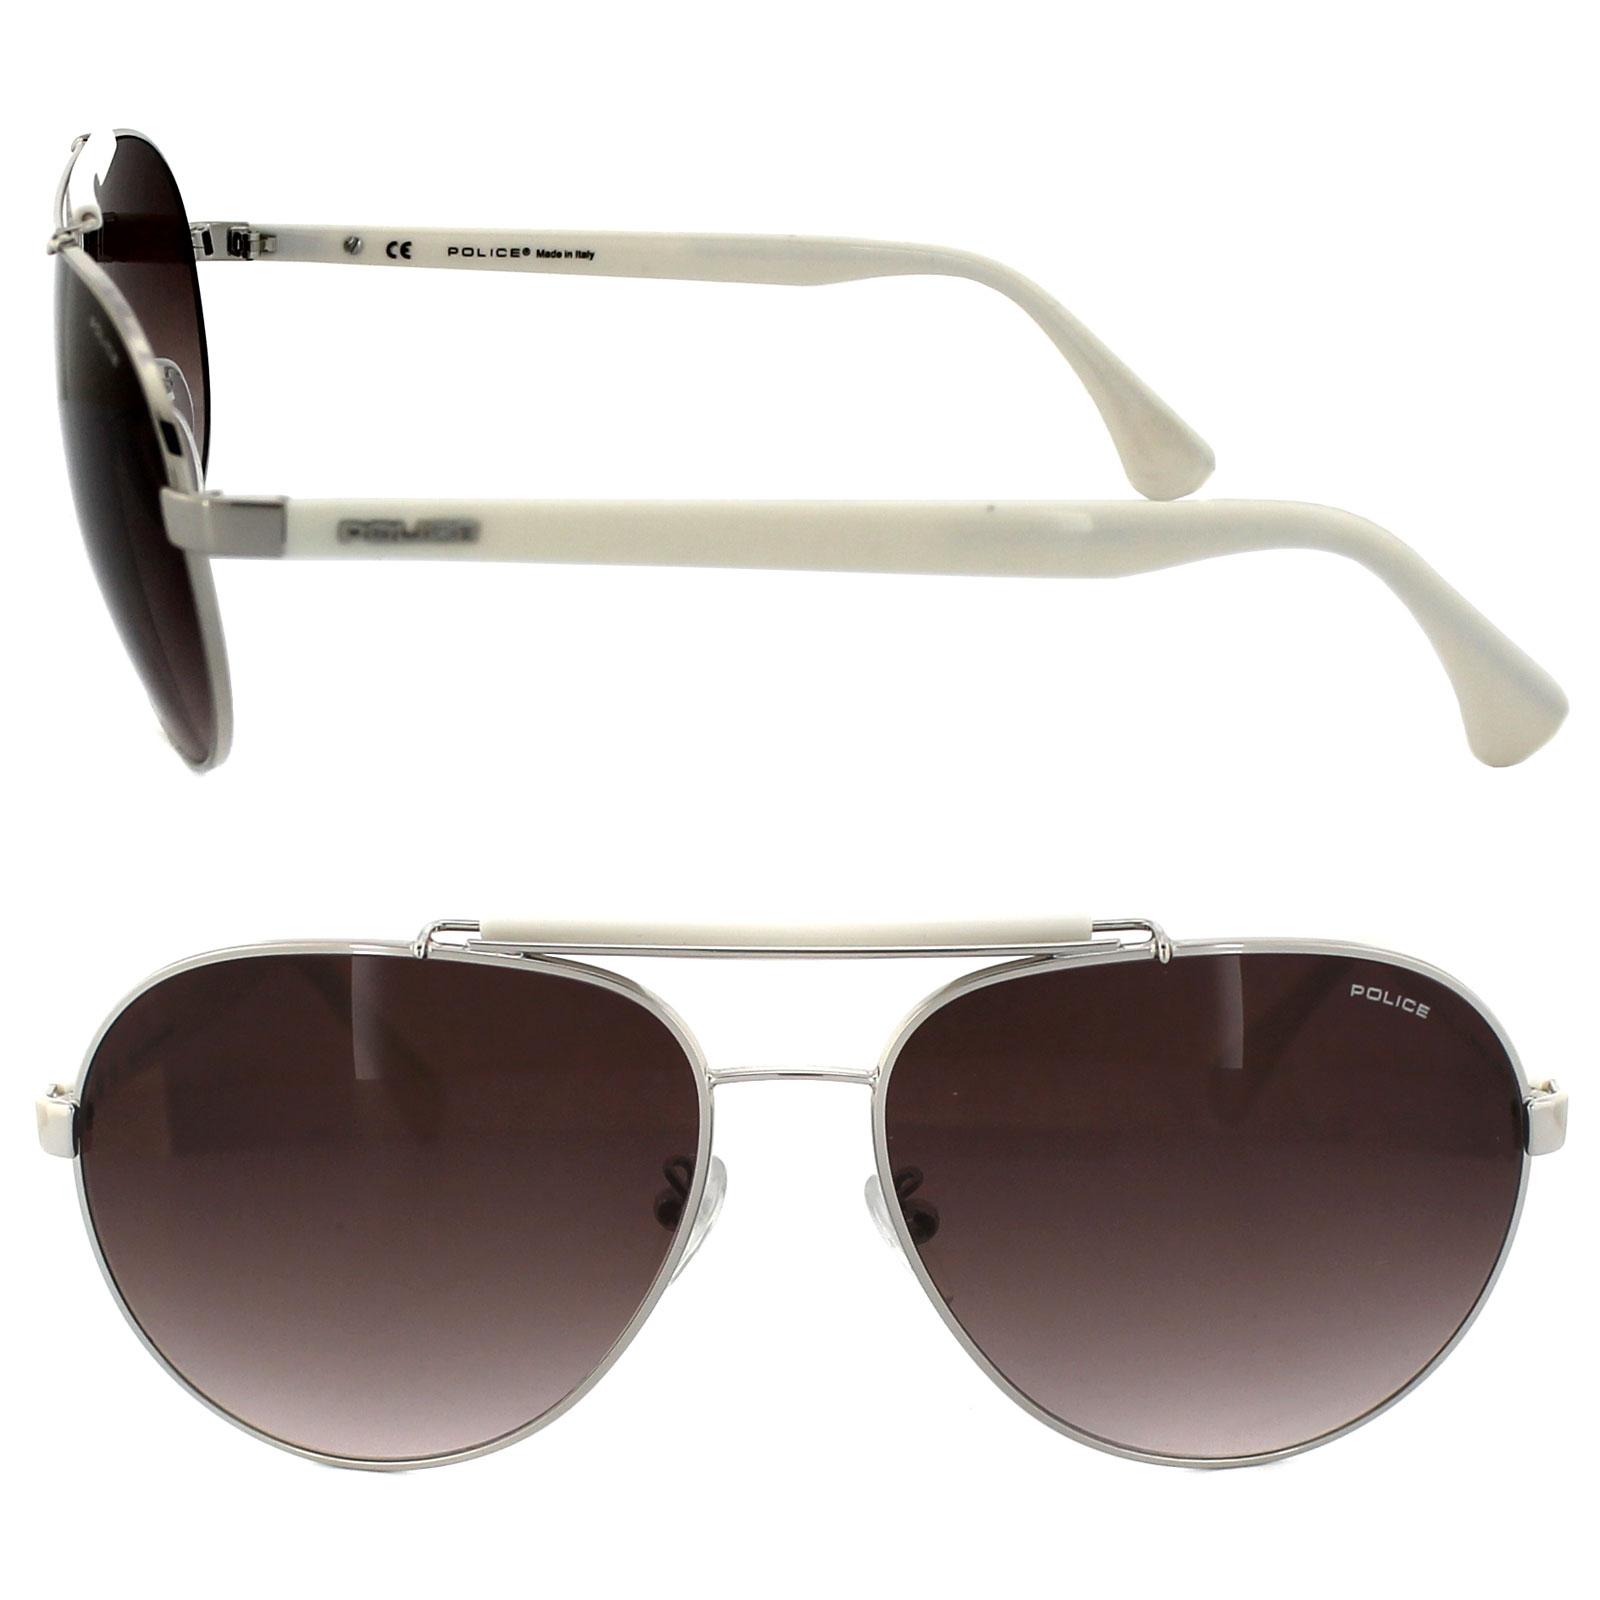 27e193f89f ... Police Sunglasses 8644 579 Silver   White Brown Gradient Thumbnail ...